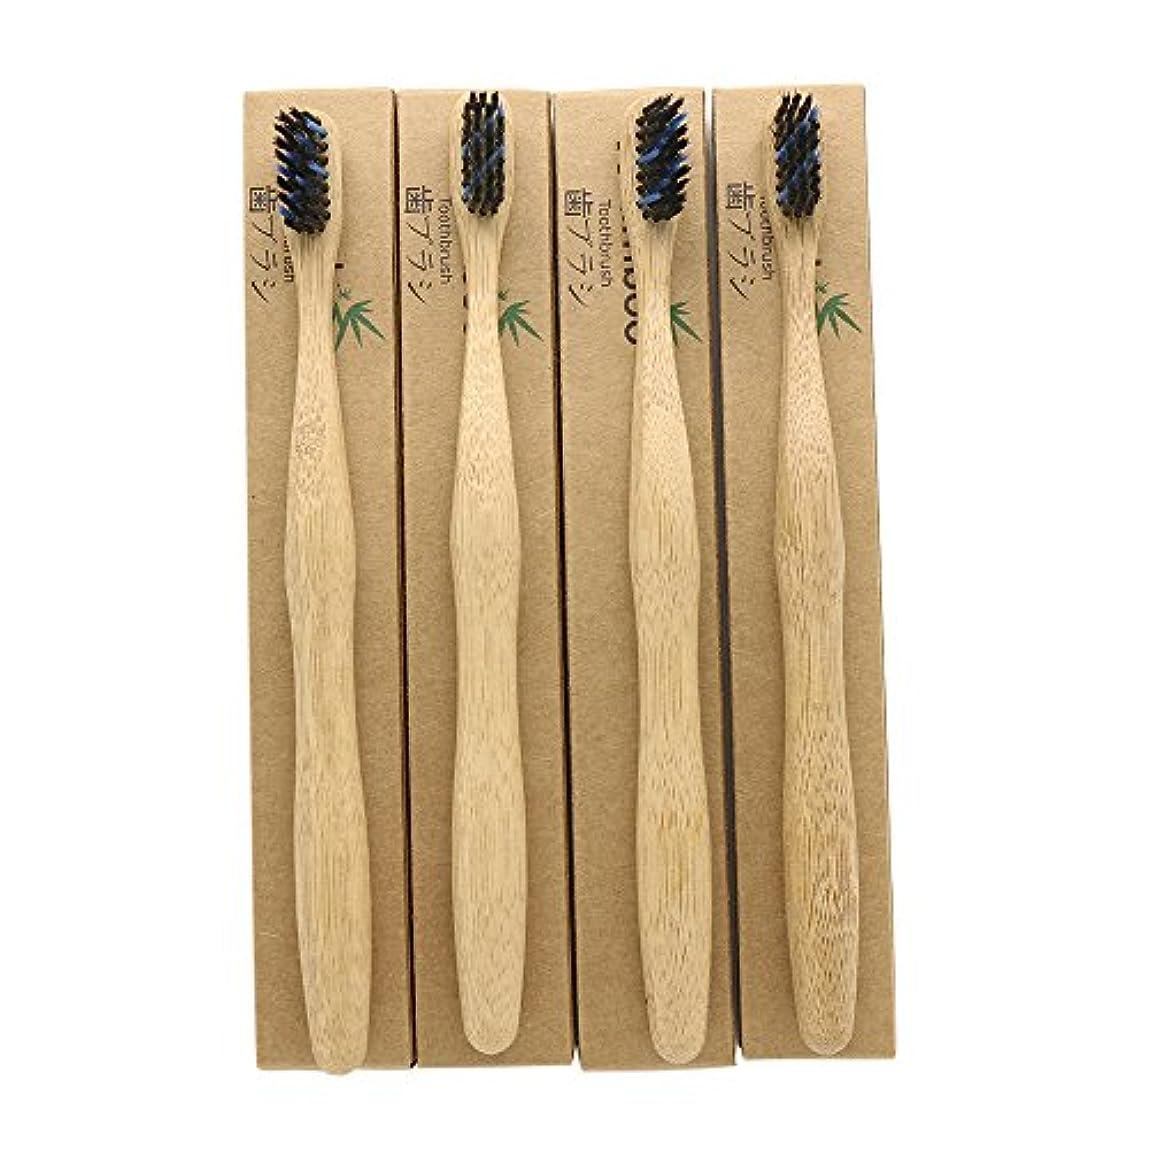 氷ティッシュ捨てるN-amboo 竹製耐久度高い 歯ブラシ 黒いと青い 4本入り セット